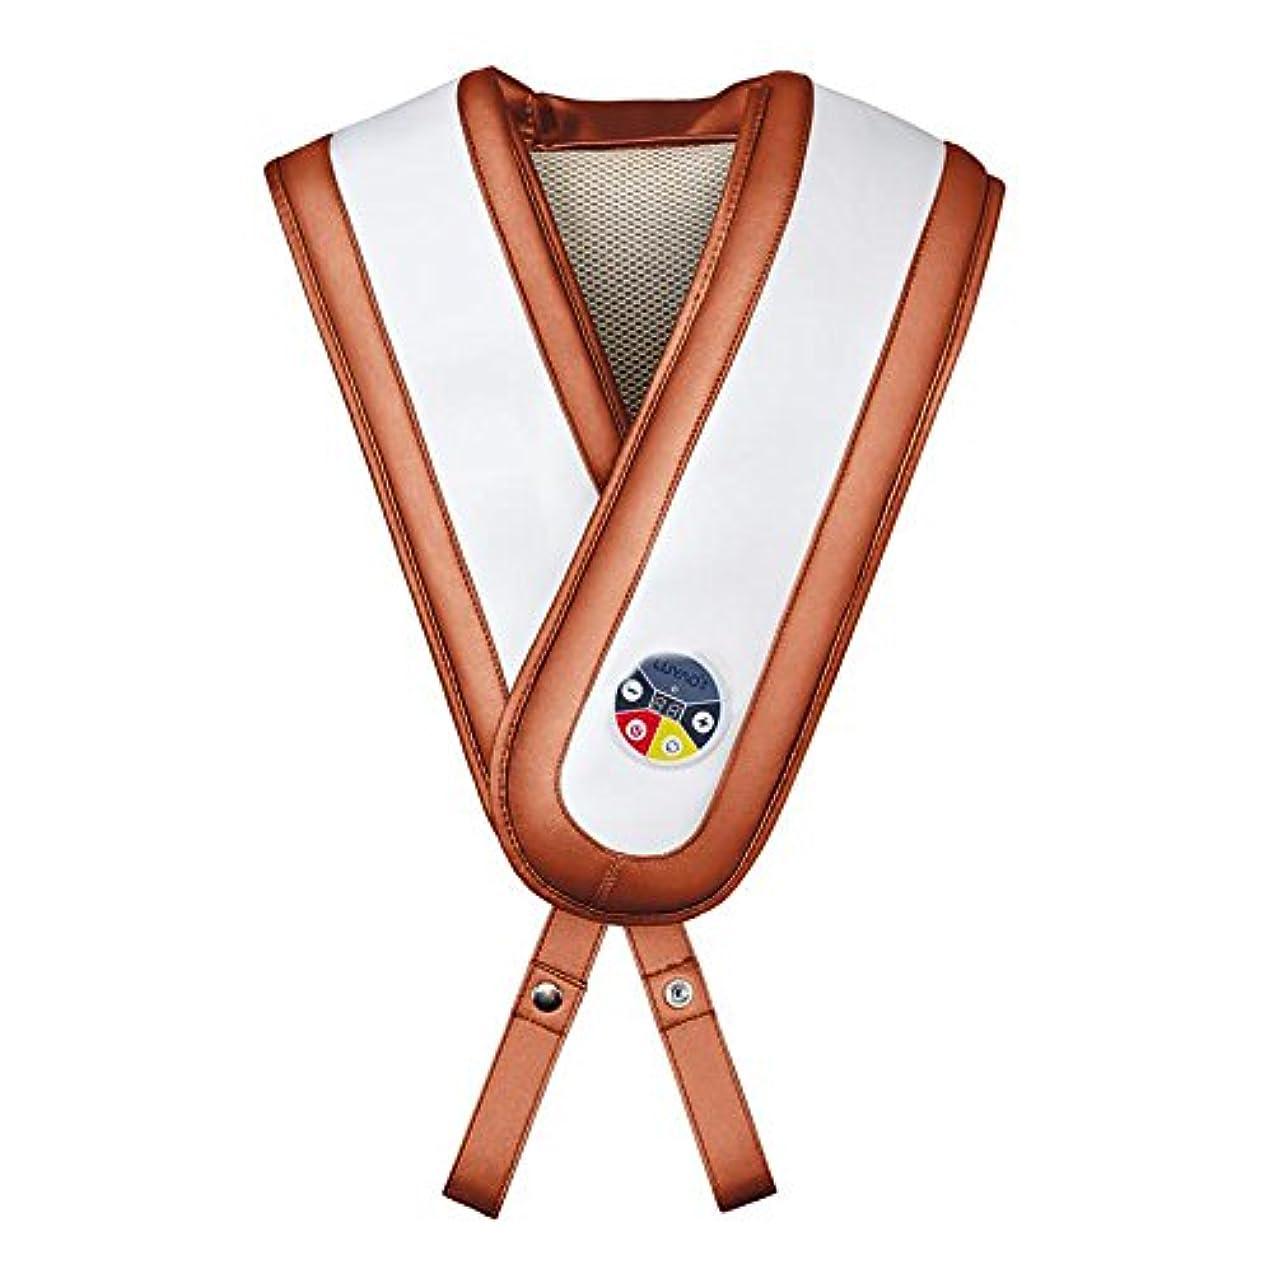 背骨害虫突っ込むHAIZHEN マッサージチェア 肩と首は、肩の首の肩のマッサージのショールを打つウエストの首と肩のハンマー